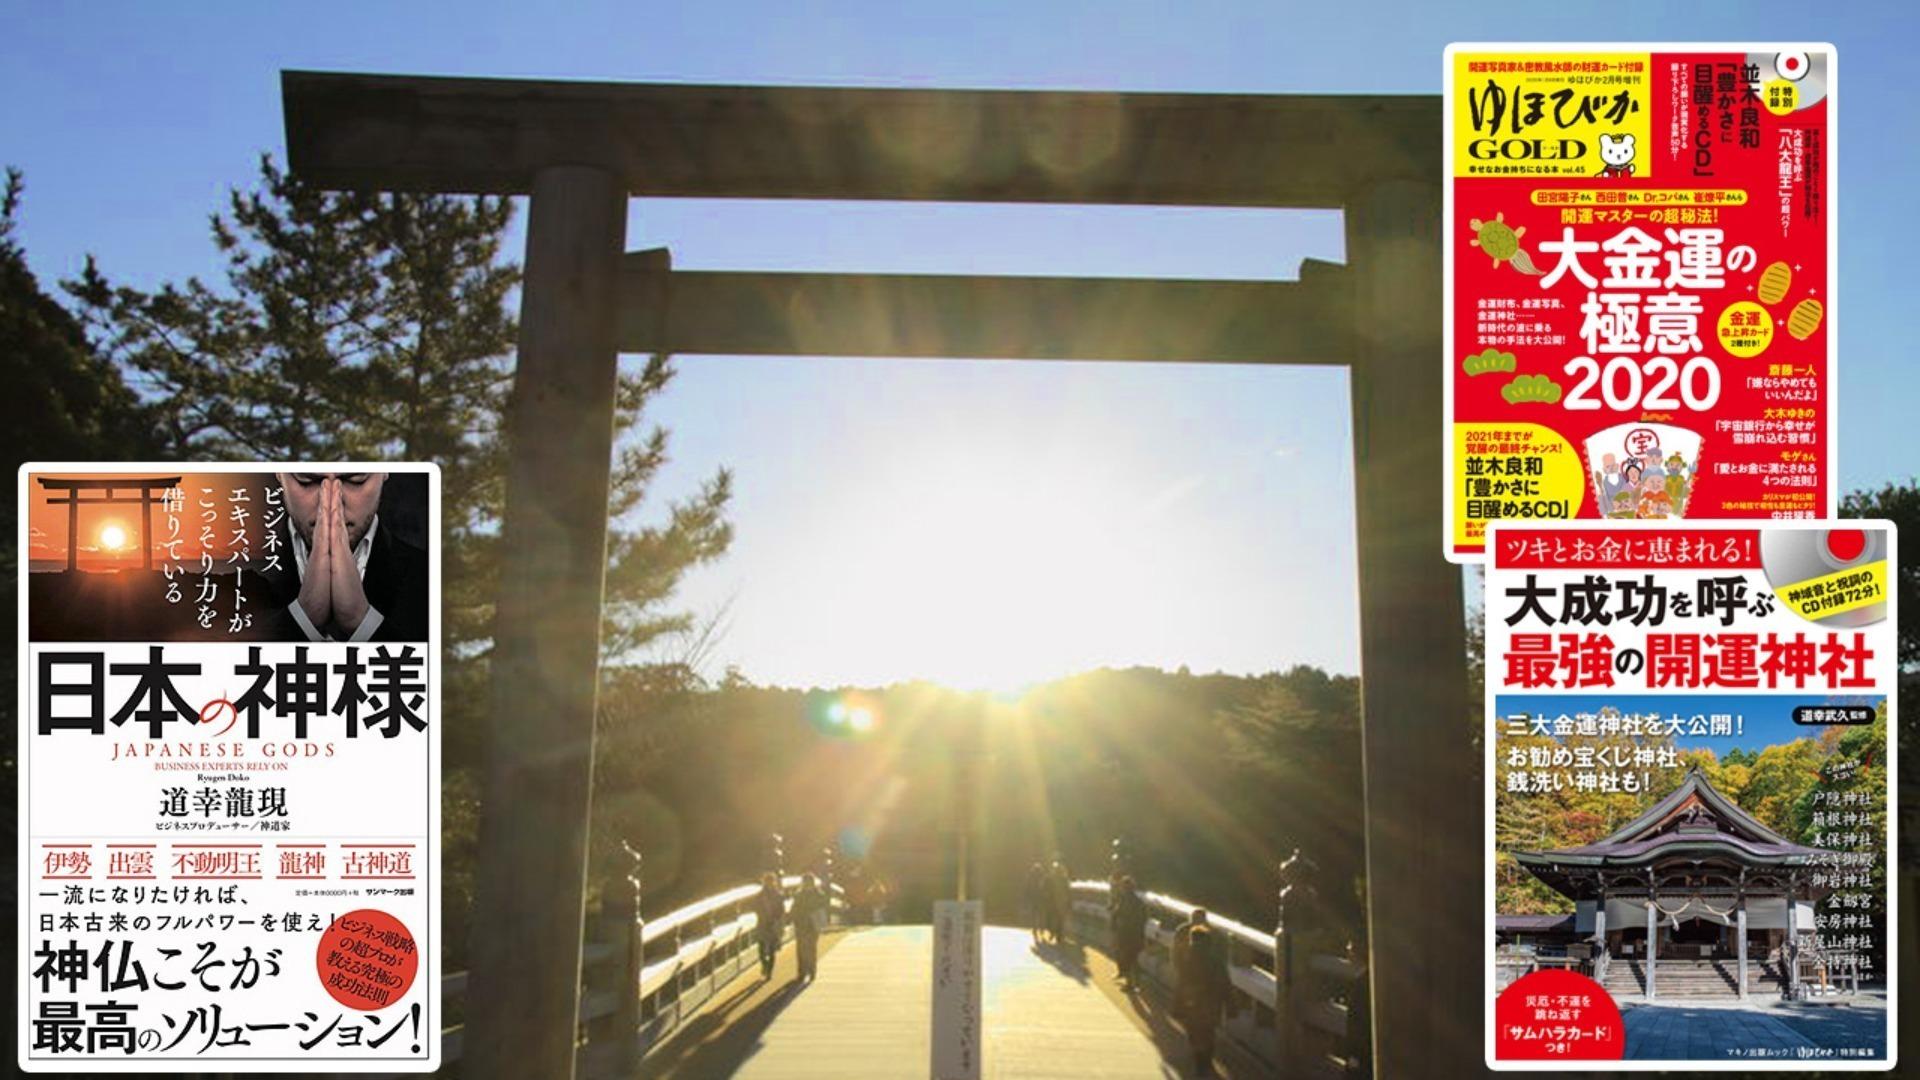 21.6.7【神道編】第37回 築土神社